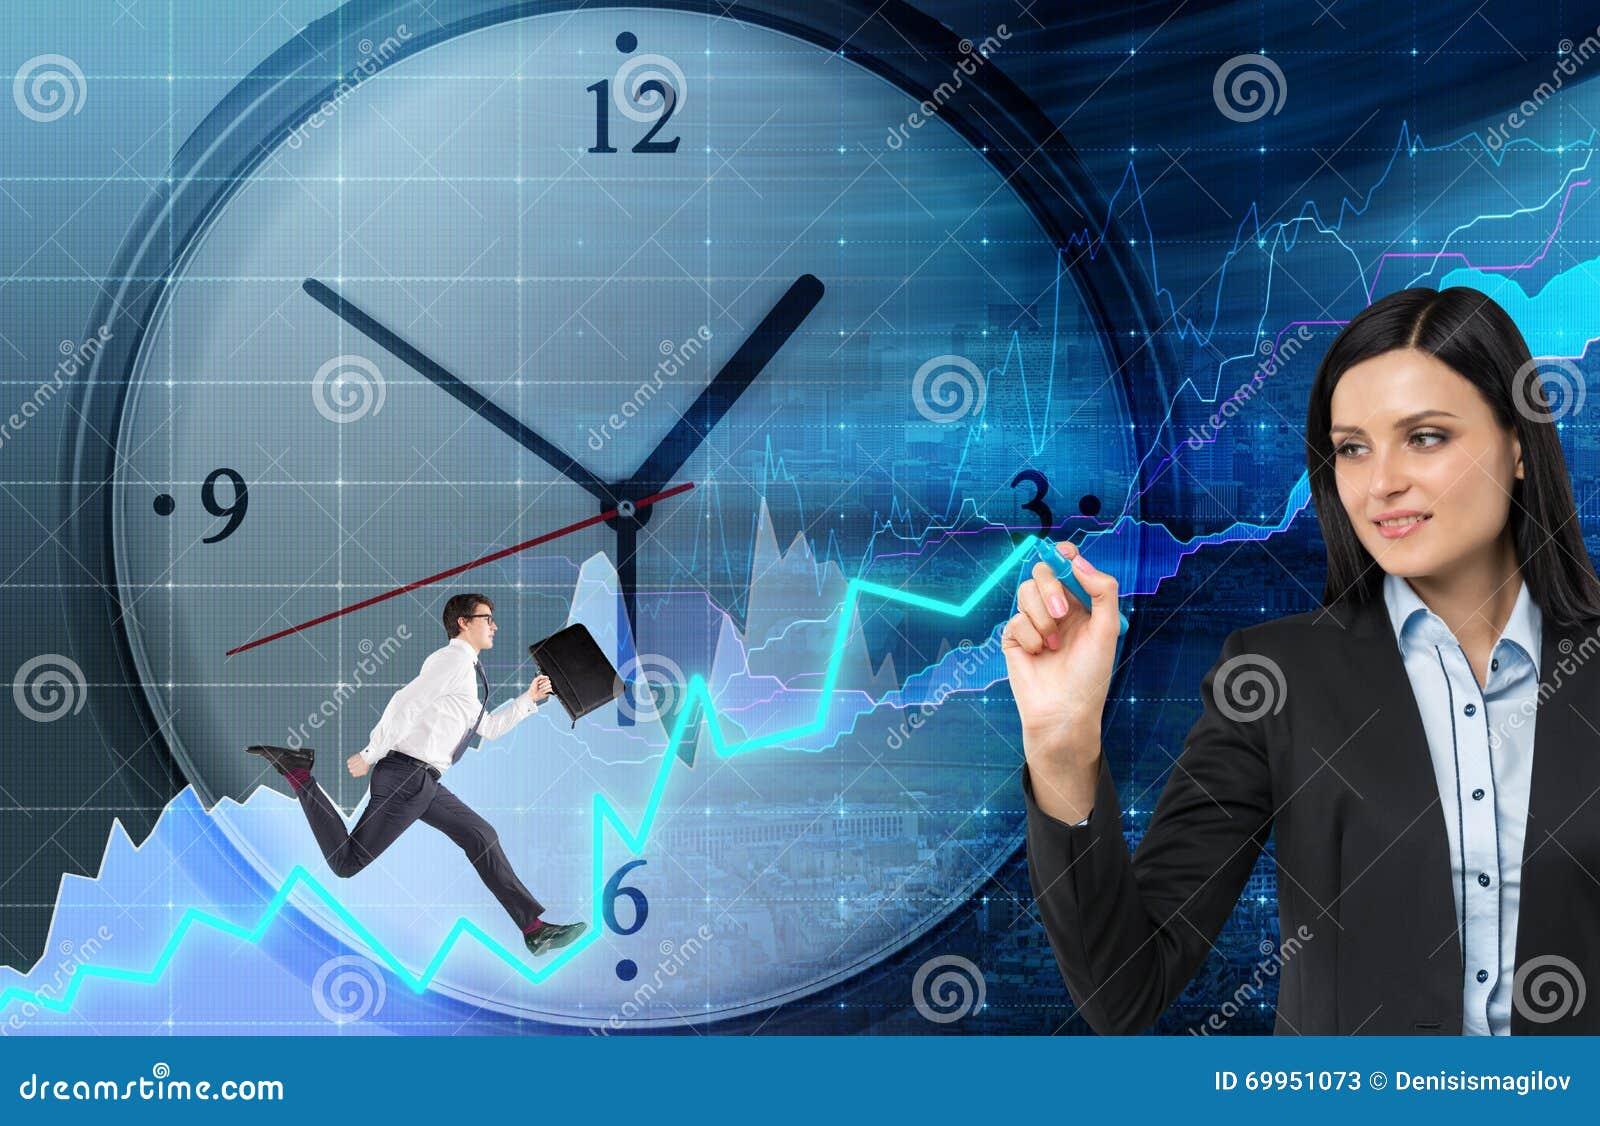 Falta de tiempo digital